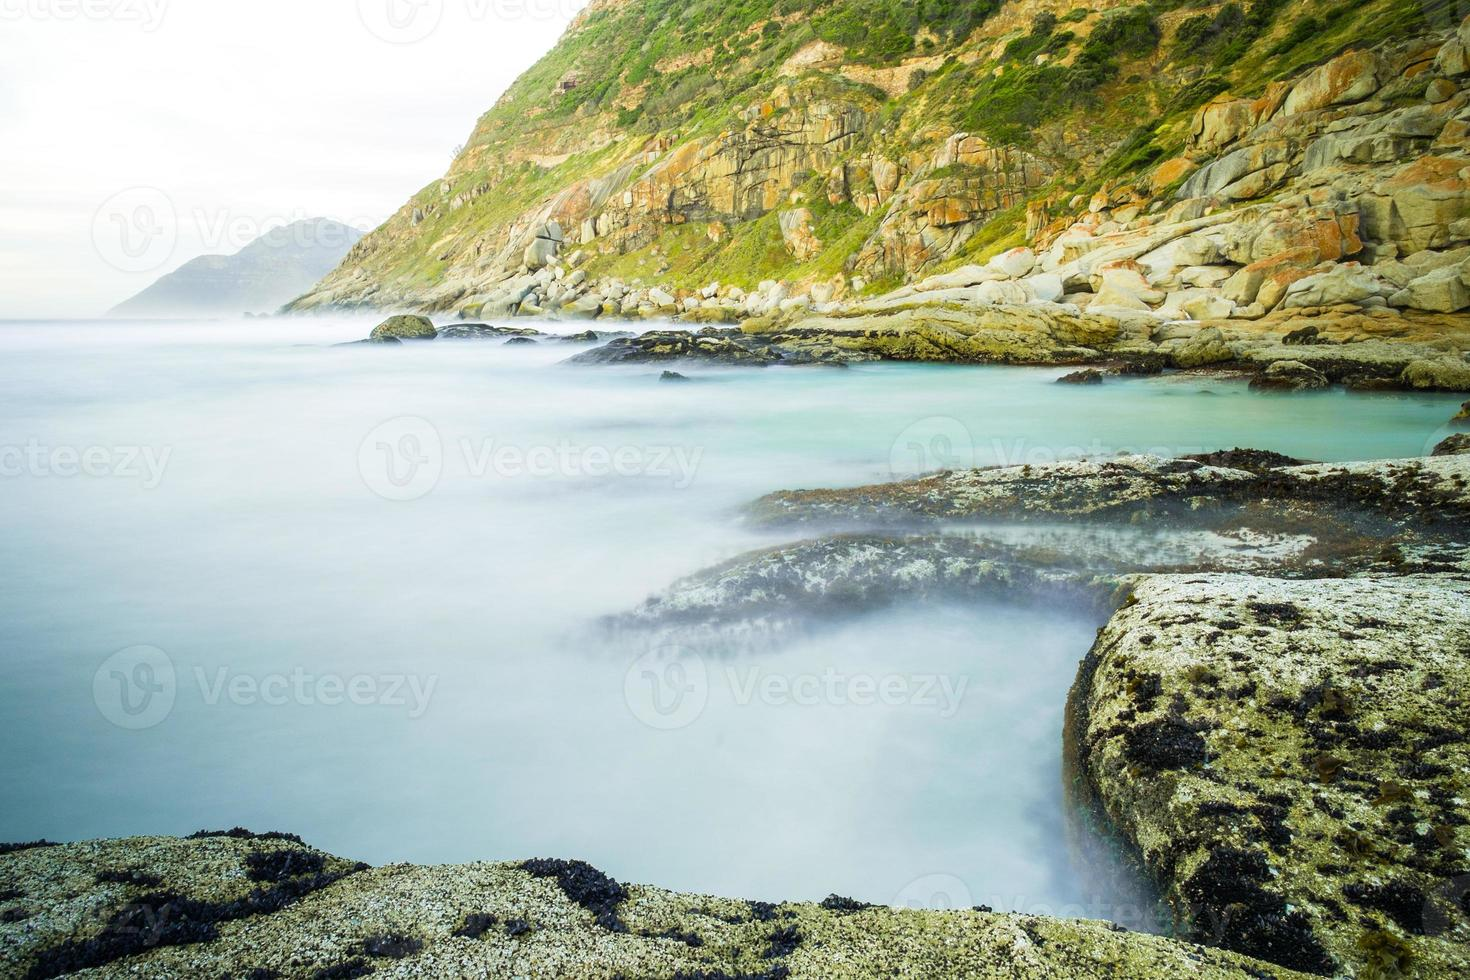 Ocean lan photo